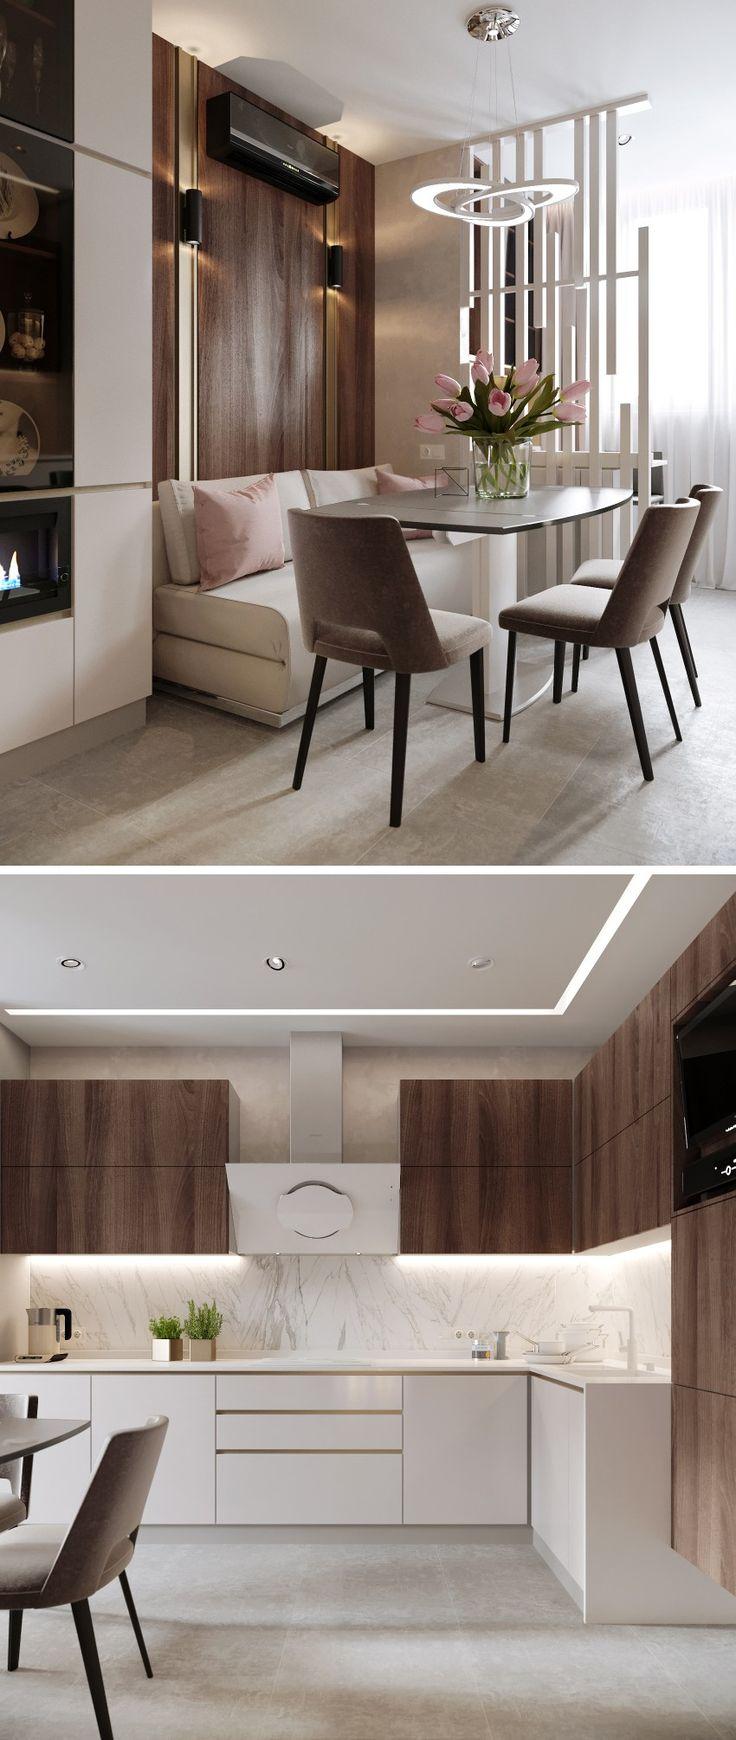 As 49 Melhores Imagens Em Living Room No Pinterest -> Modelo De Forro Rebaixado Em Apartamentos 51M2